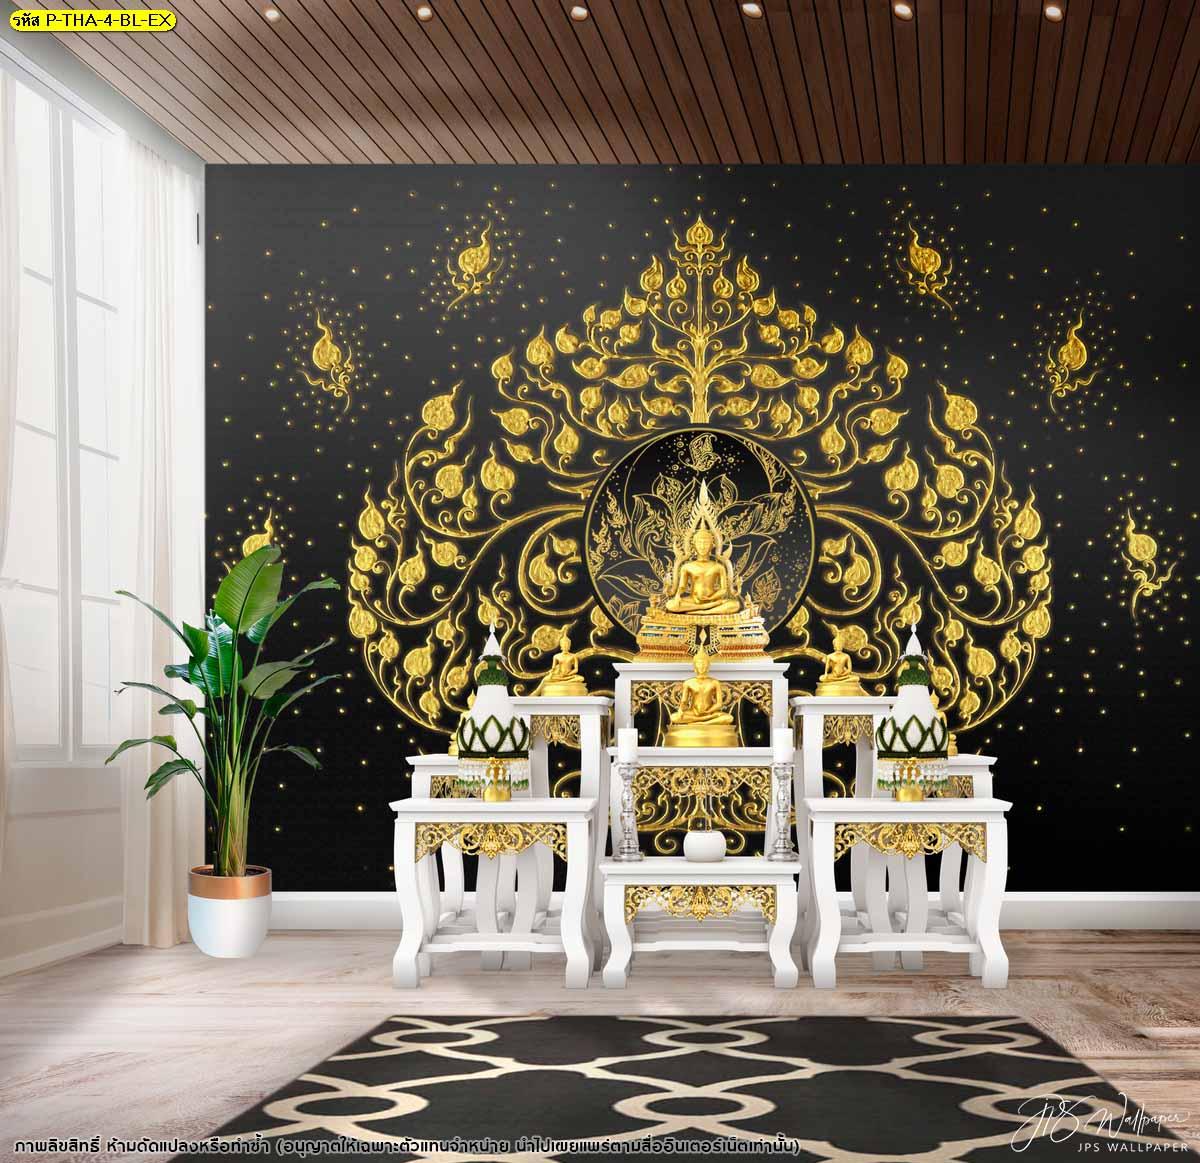 ไอเดียห้องพระตกแต่งผนังลายไทยต้นโพธิ์ทองพื้นหลังสีดำ สวยงาม โดดเด่น